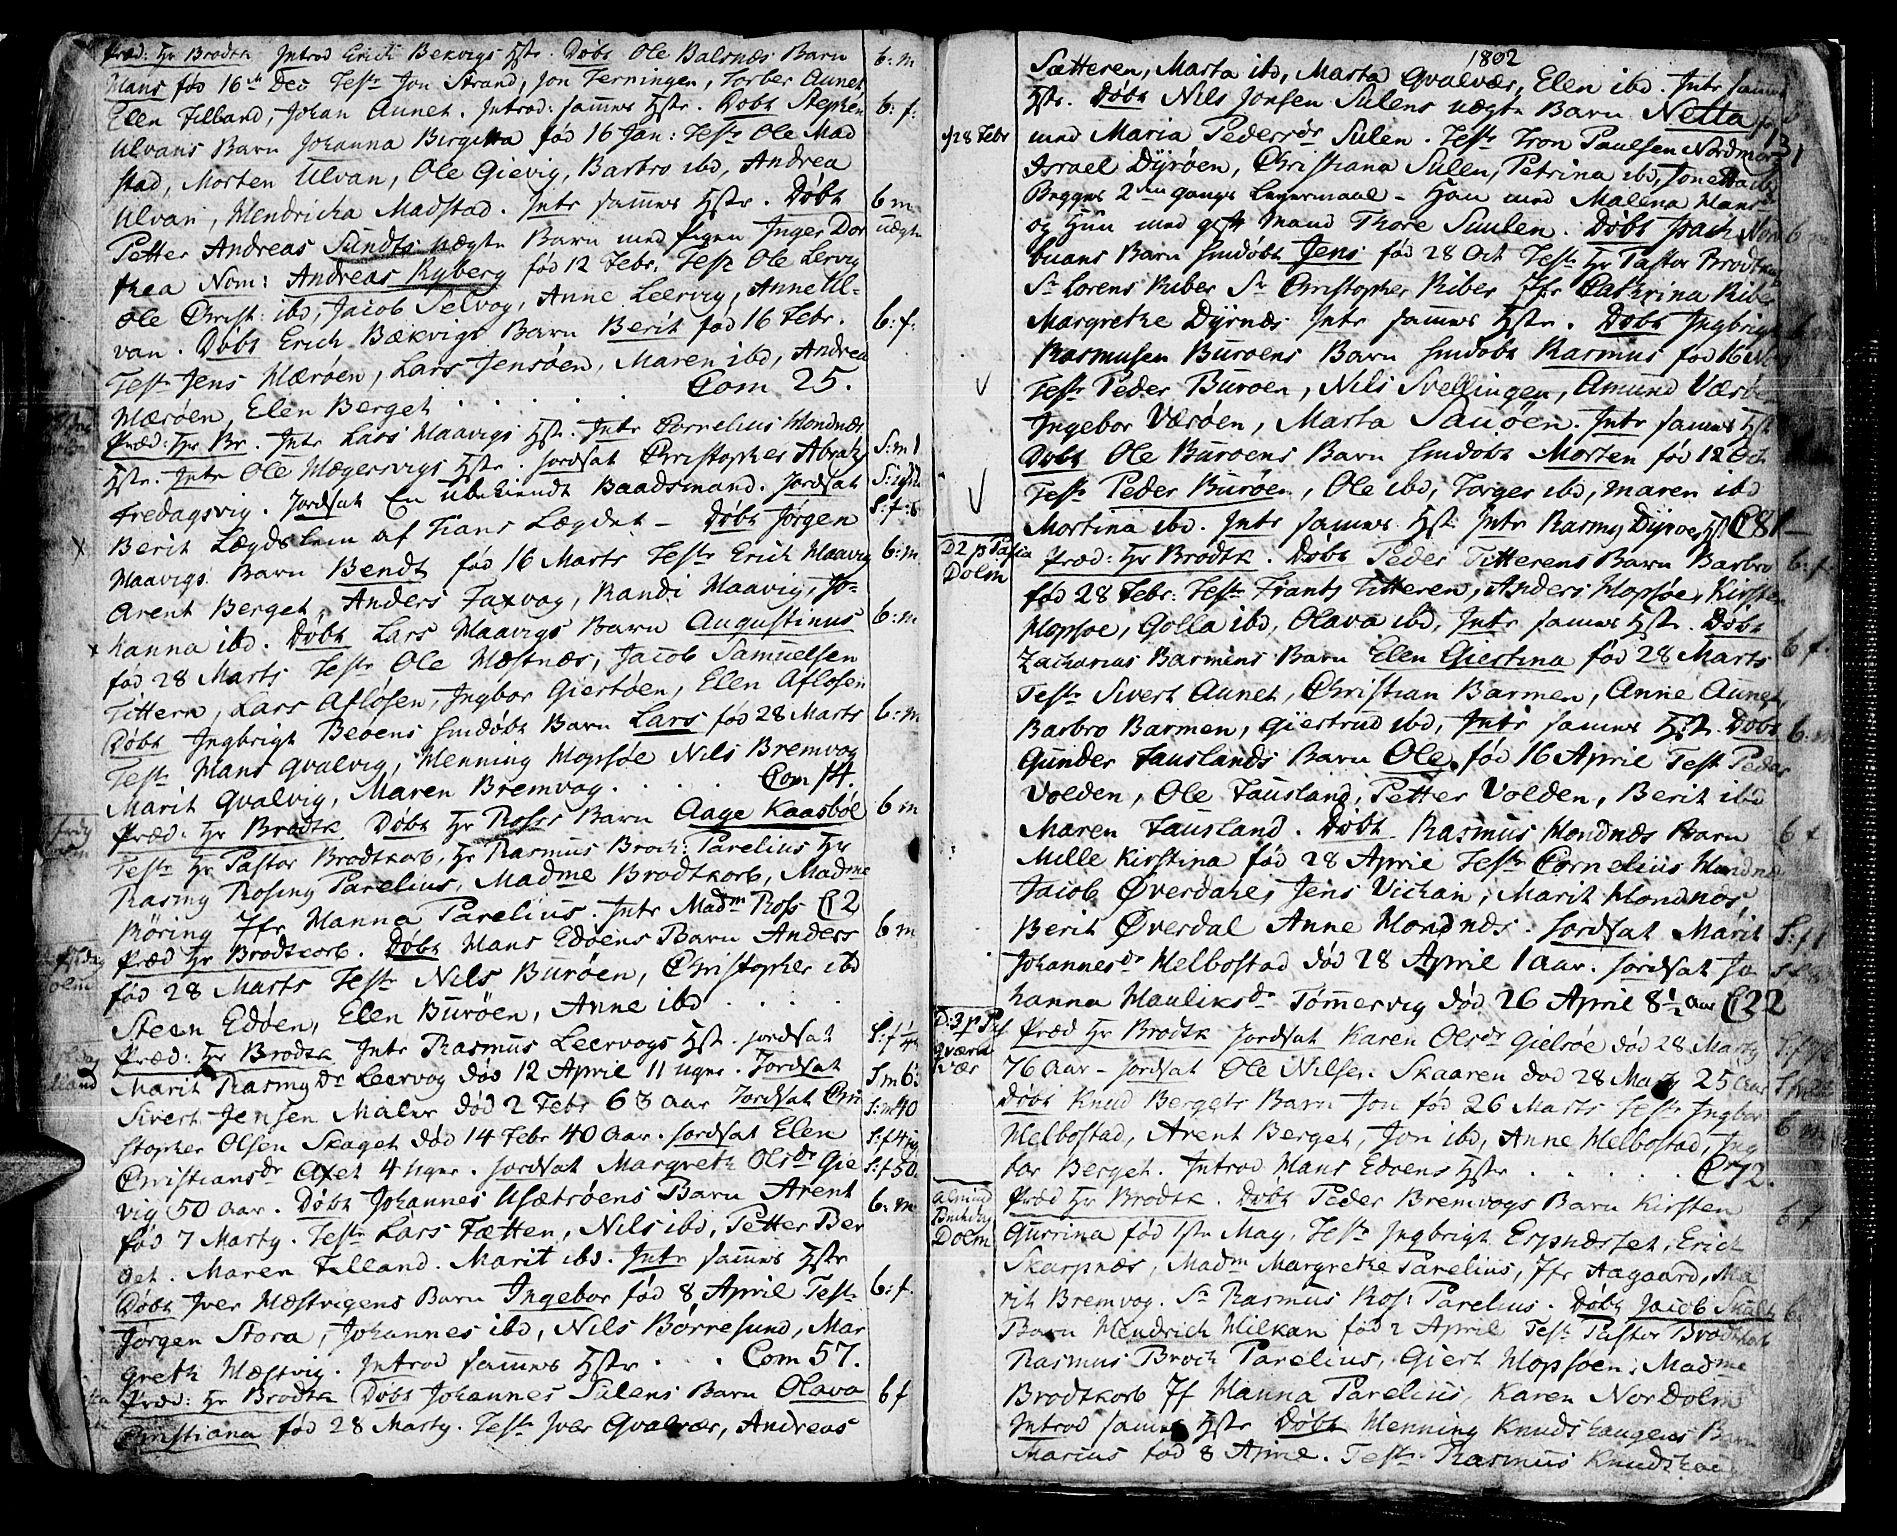 SAT, Ministerialprotokoller, klokkerbøker og fødselsregistre - Sør-Trøndelag, 634/L0526: Ministerialbok nr. 634A02, 1775-1818, s. 131